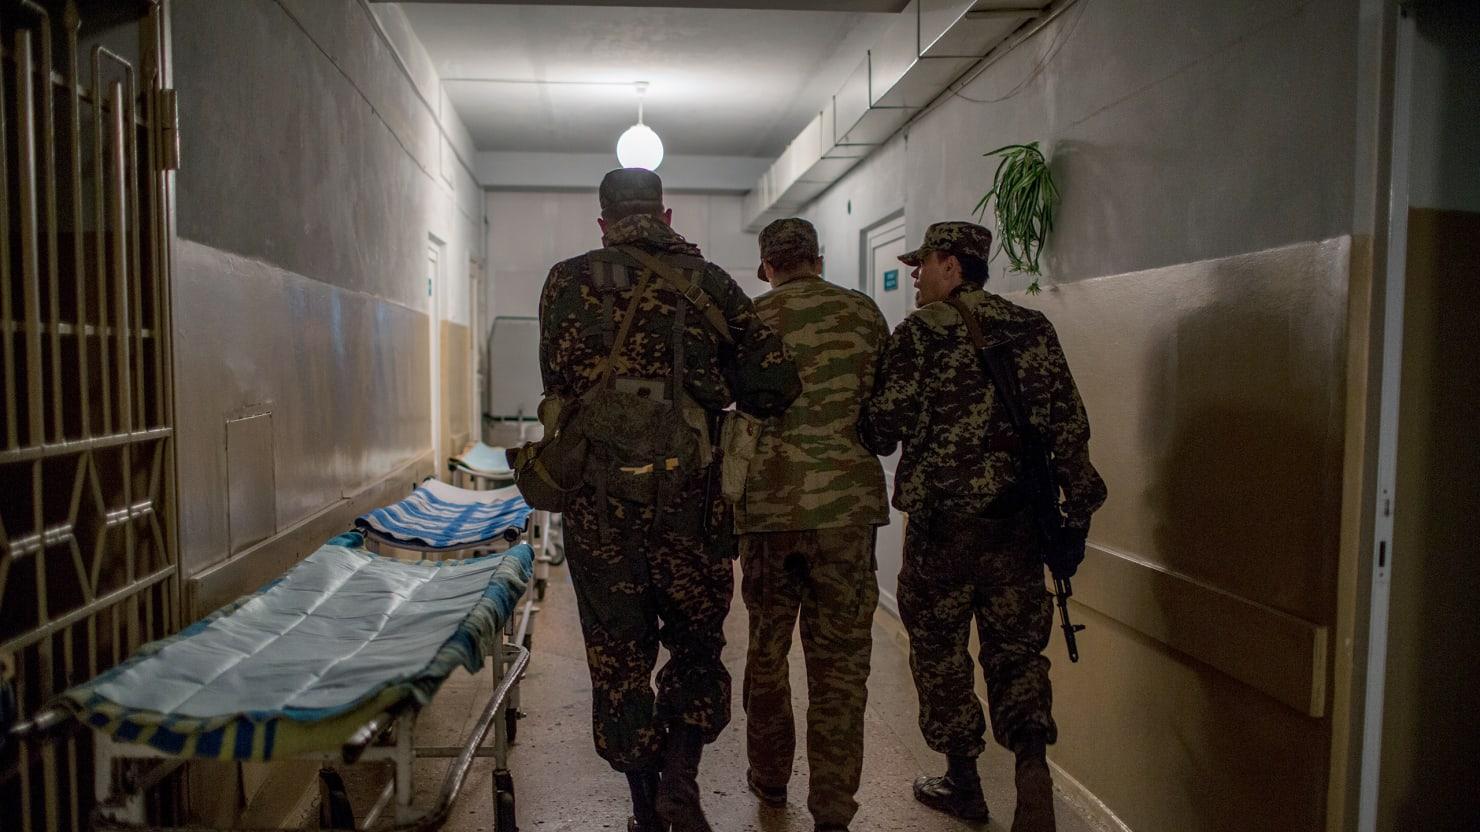 The Hospital Singing Soviet War Songs